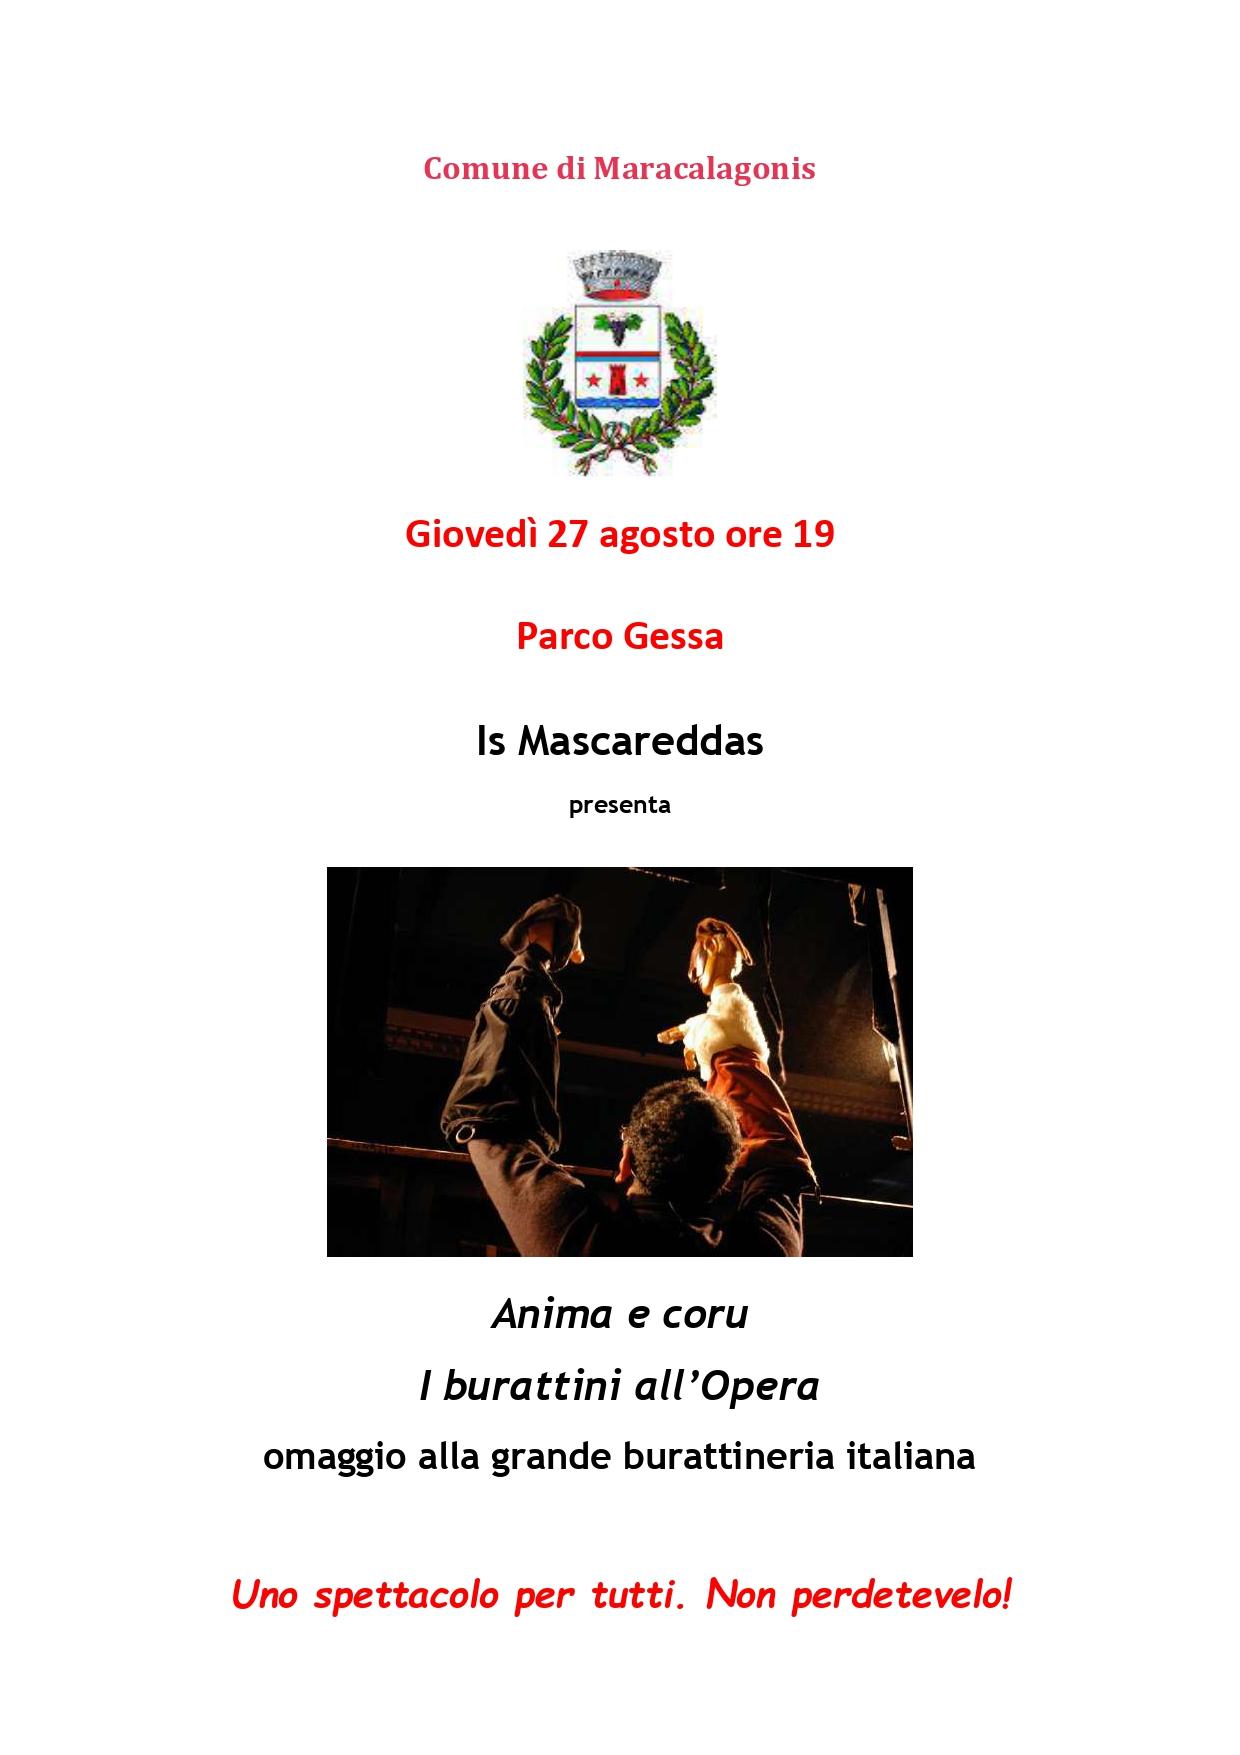 Rassegna Mara e Mare 2020 - Is Mascareddas in Anima e Coru, giovedì 27 agosto 2020